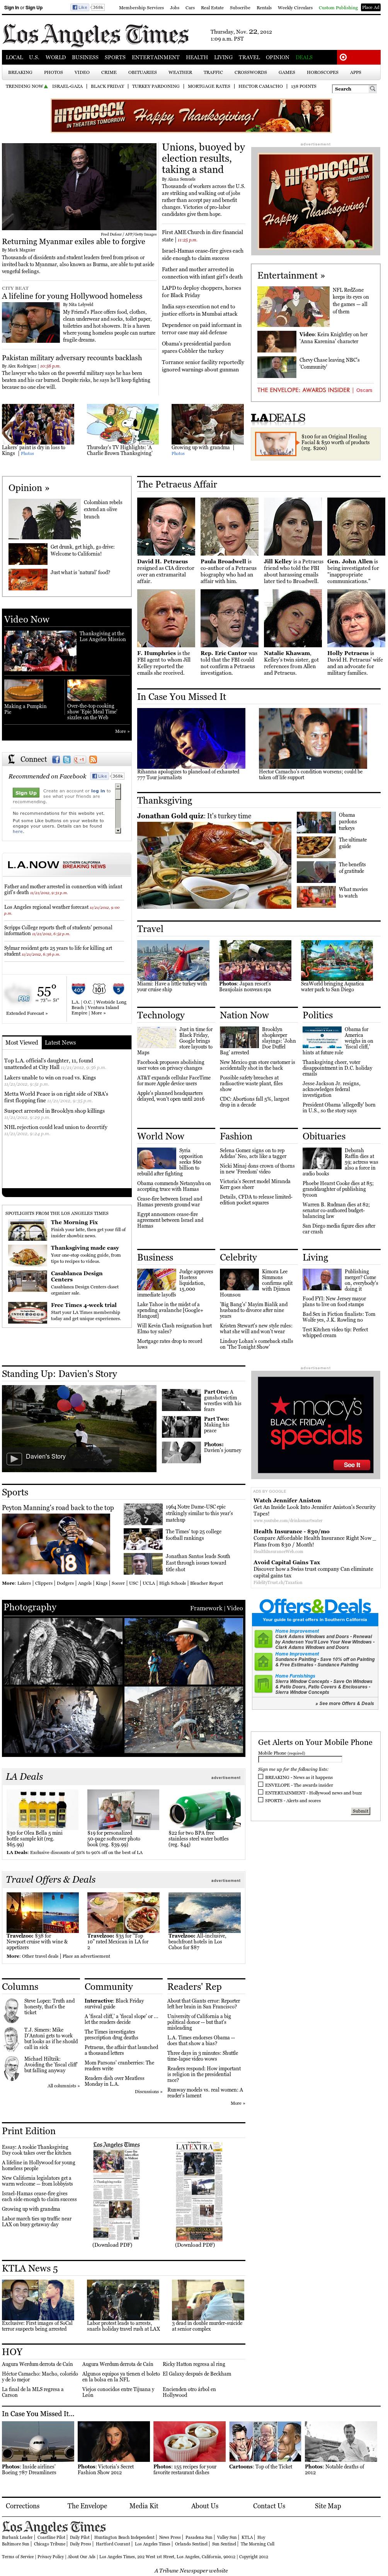 Los Angeles Times at Thursday Nov. 22, 2012, 9:16 a.m. UTC